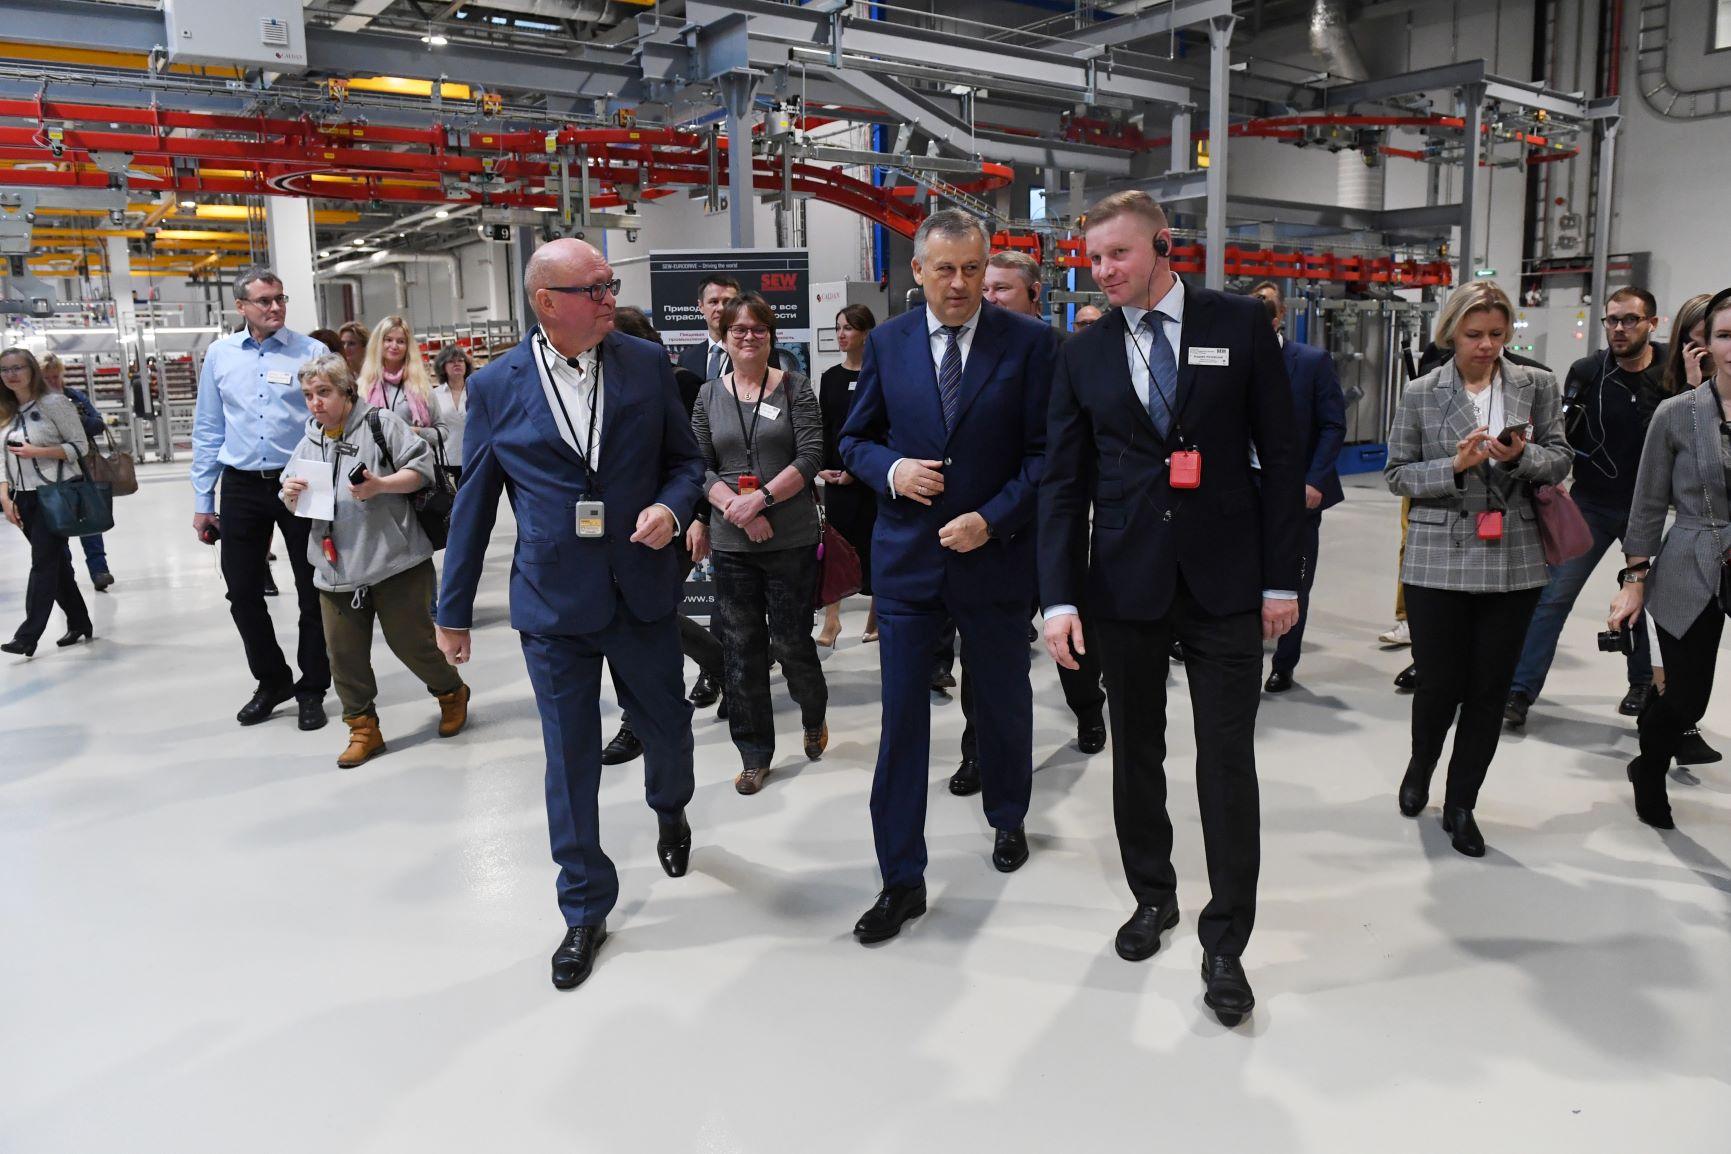 В Ленинградской области введен в эксплуатацию «Центр приводной техники СЕВ-ЕВРОДРАЙФ»